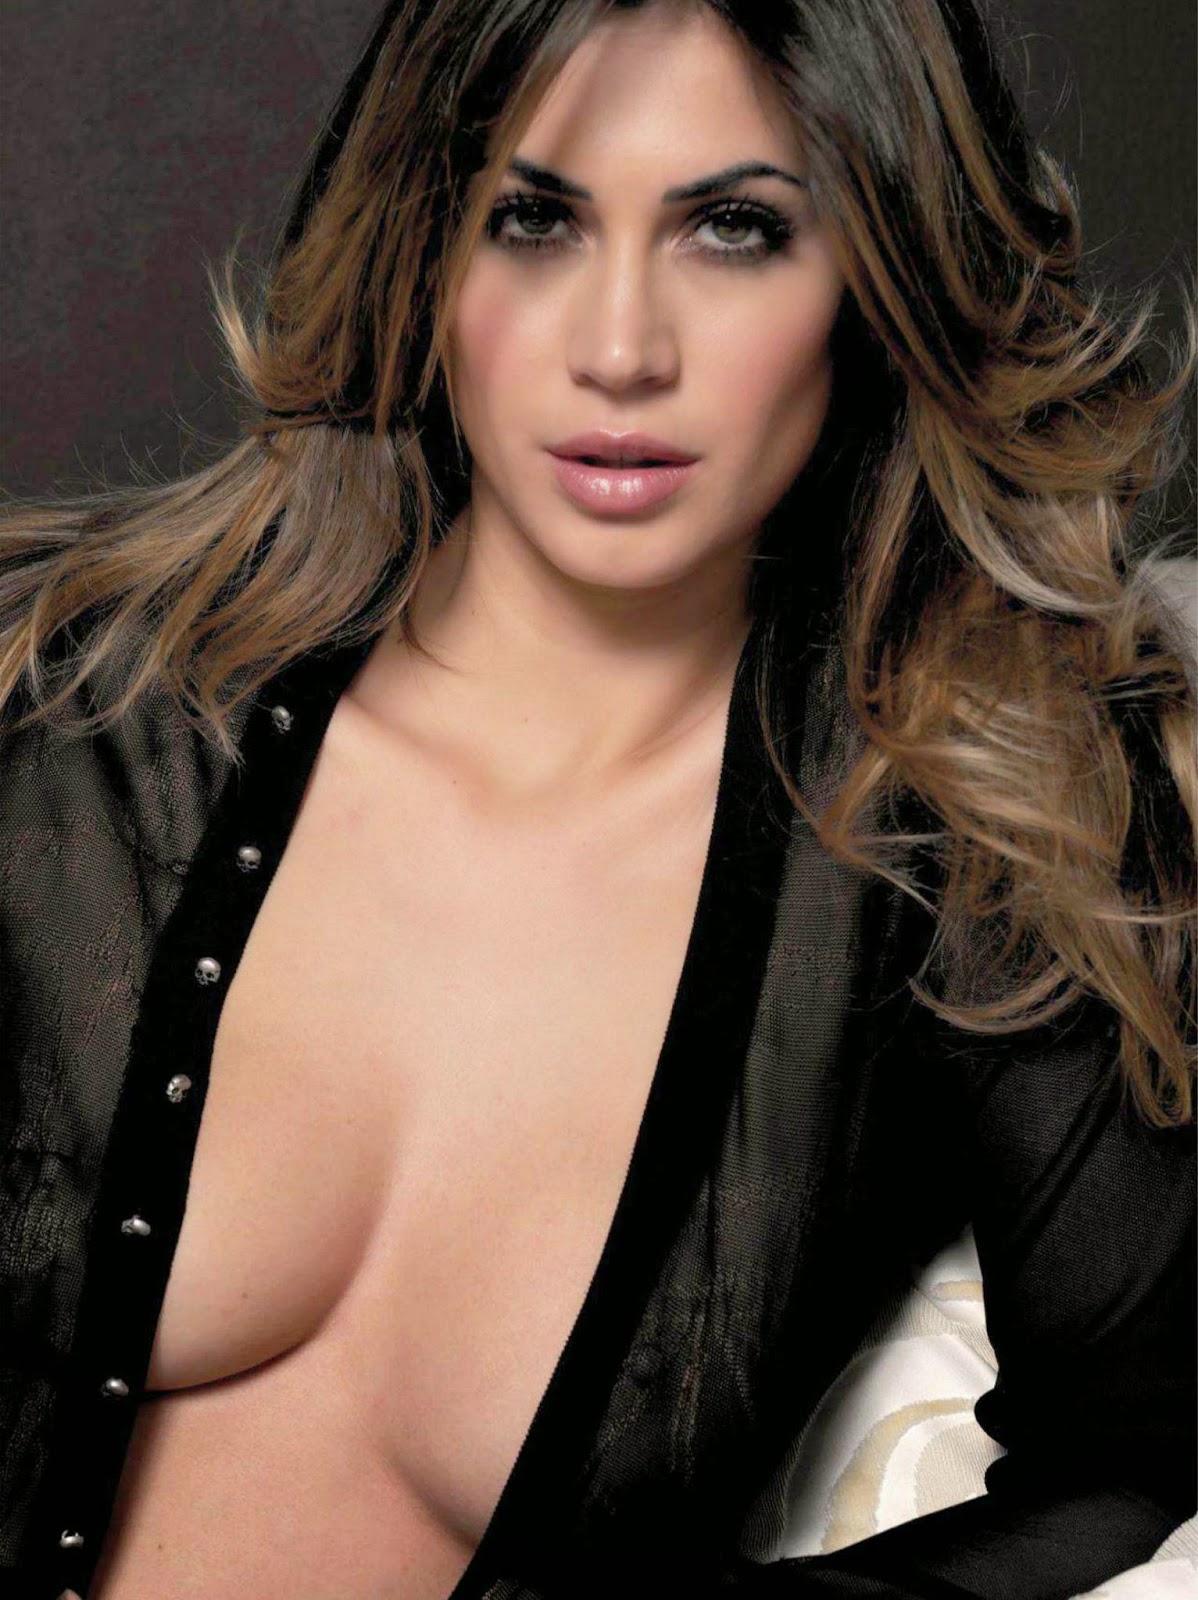 melissa satta desnuda novia boateng topless senos